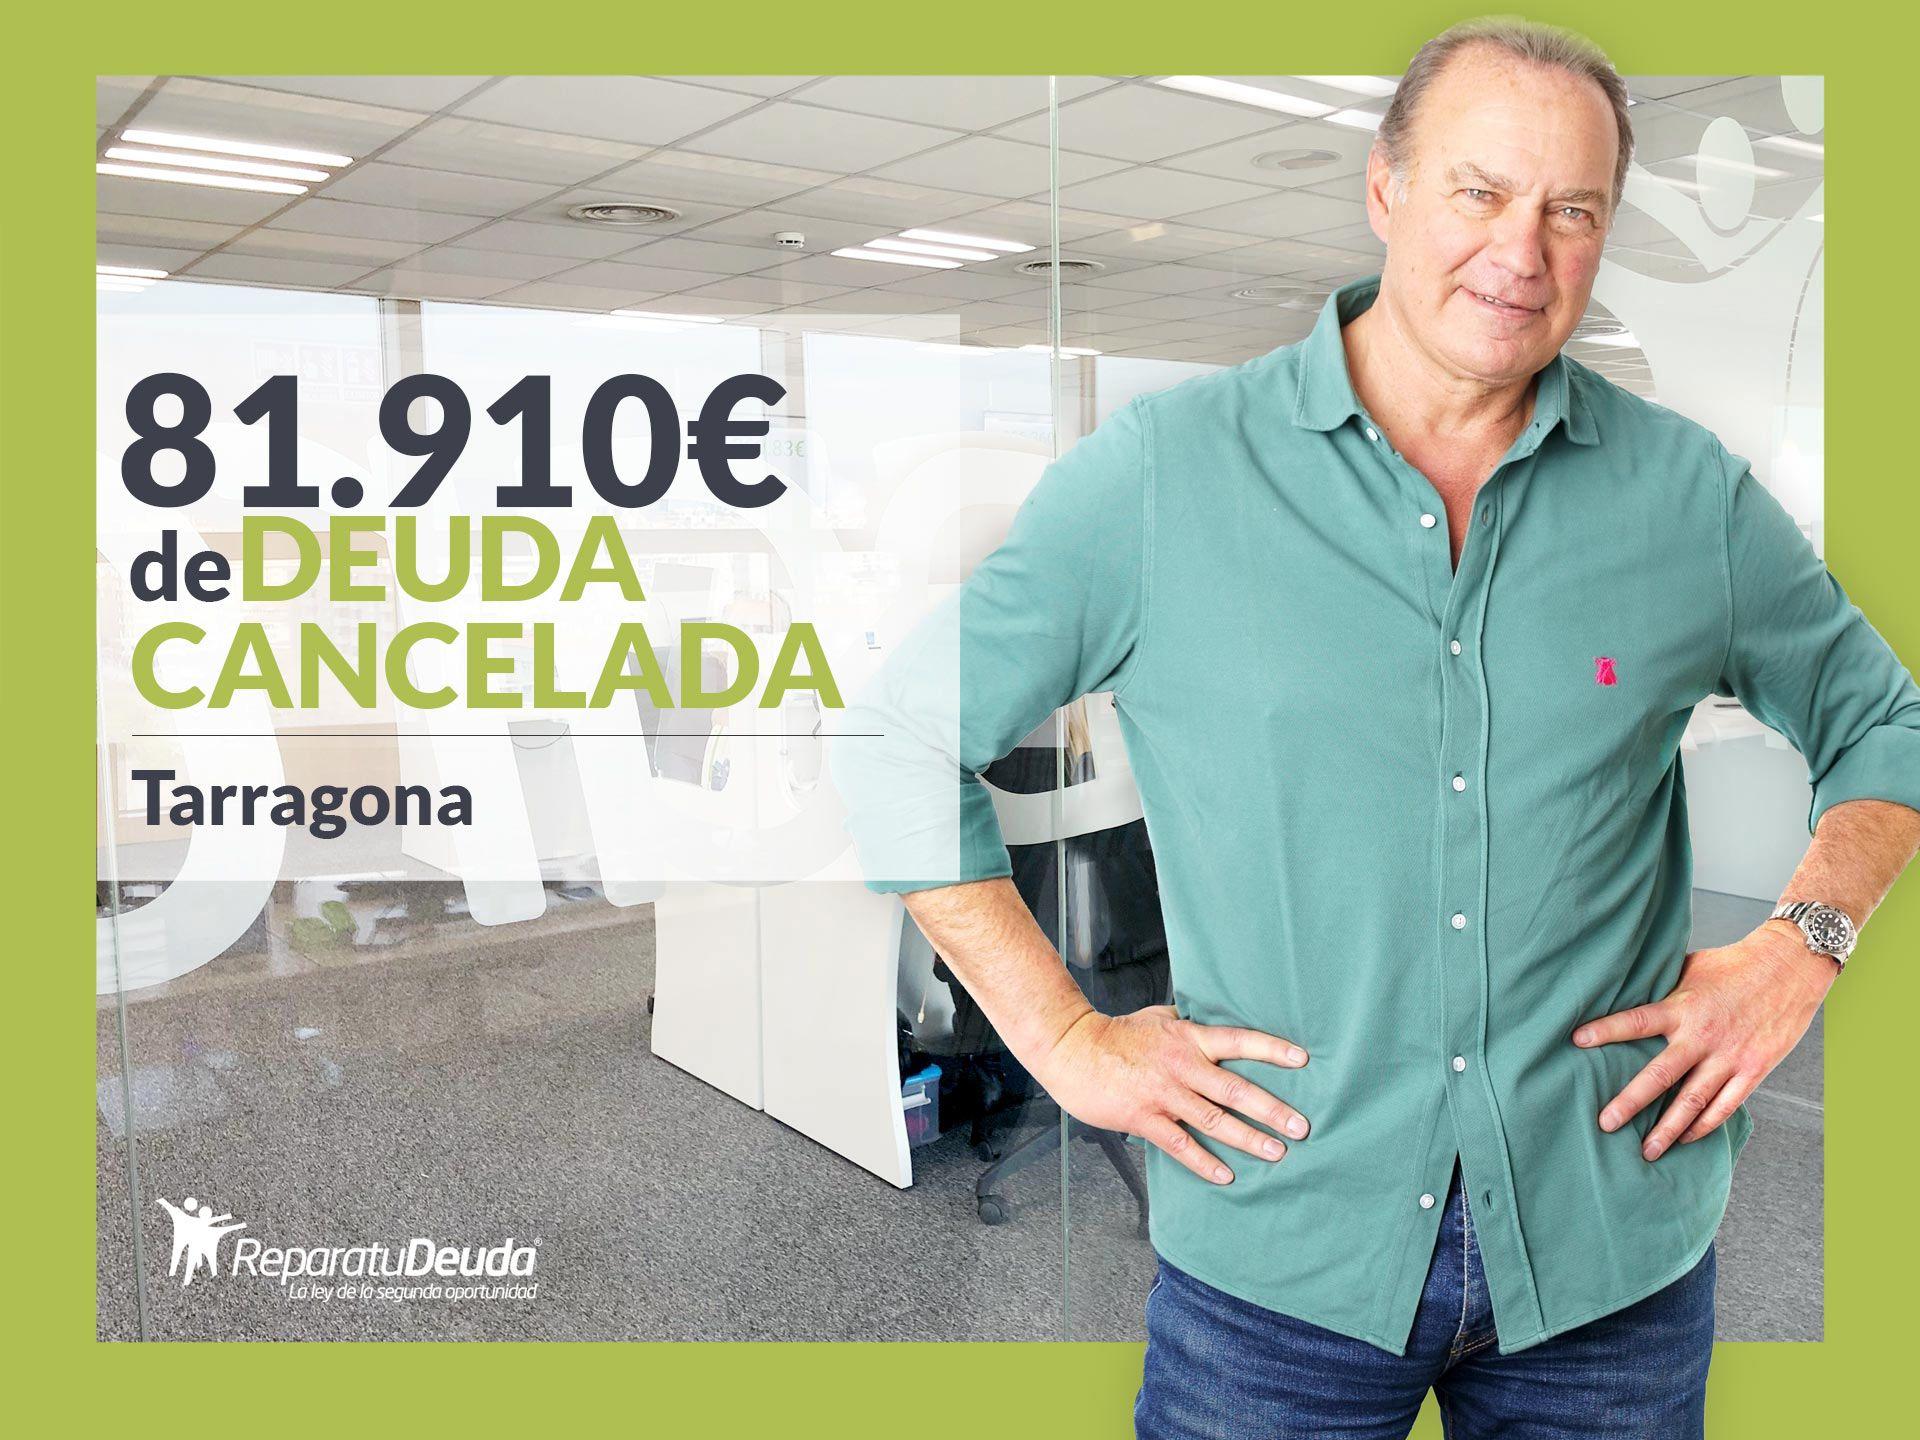 Repara tu Deuda Abogados cancela 81.910? en Tarragona (Catalunya) gracias a la Ley de Segunda Oportunidad